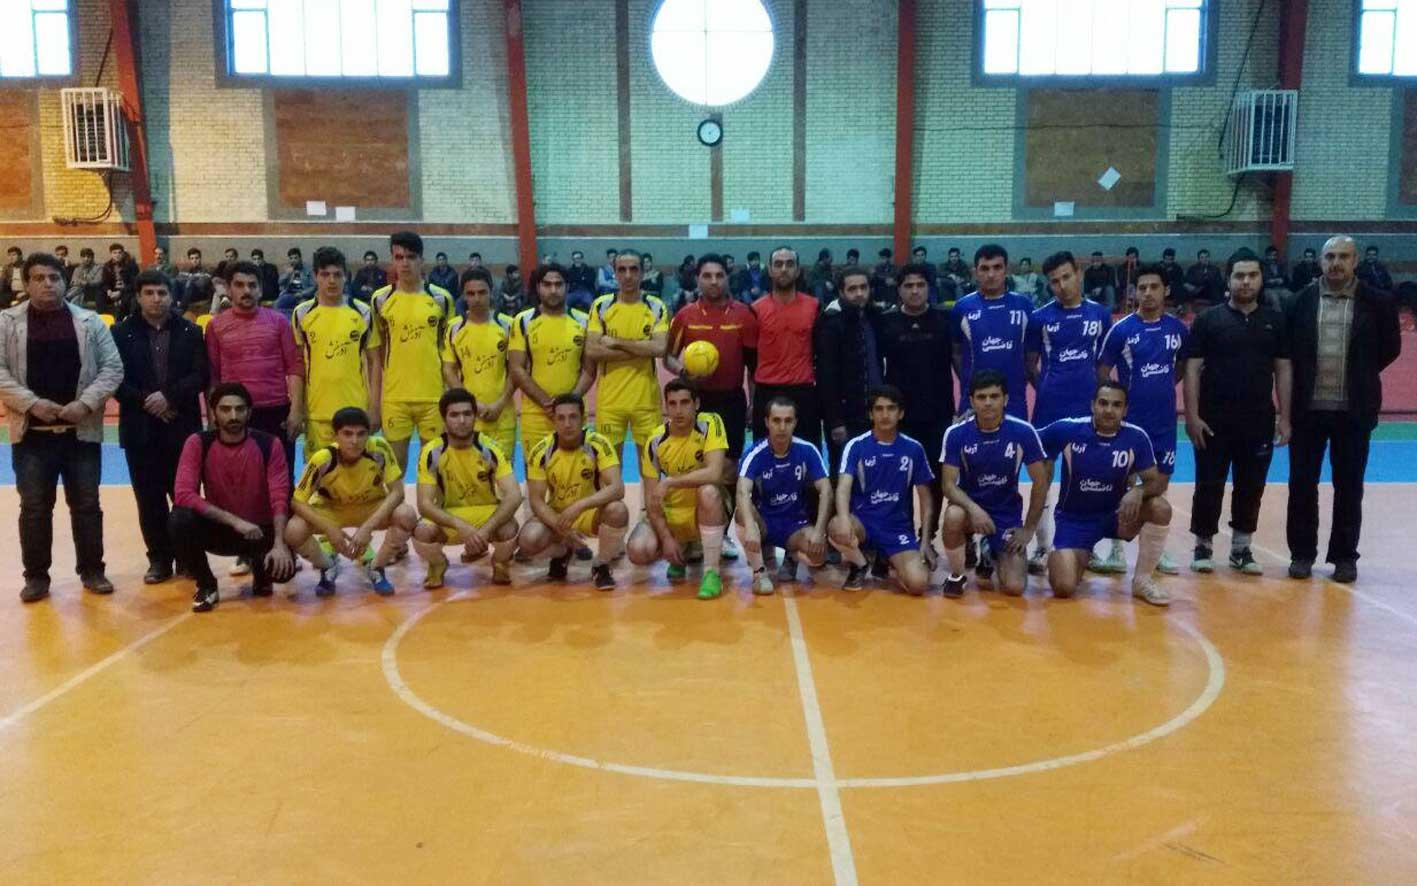 از سری مسابقات جام روستایی آذرشهر دیروز یک بازی حساس بین تیم های خشکبار و آریا (دربی قاضیجهان) انجام شد